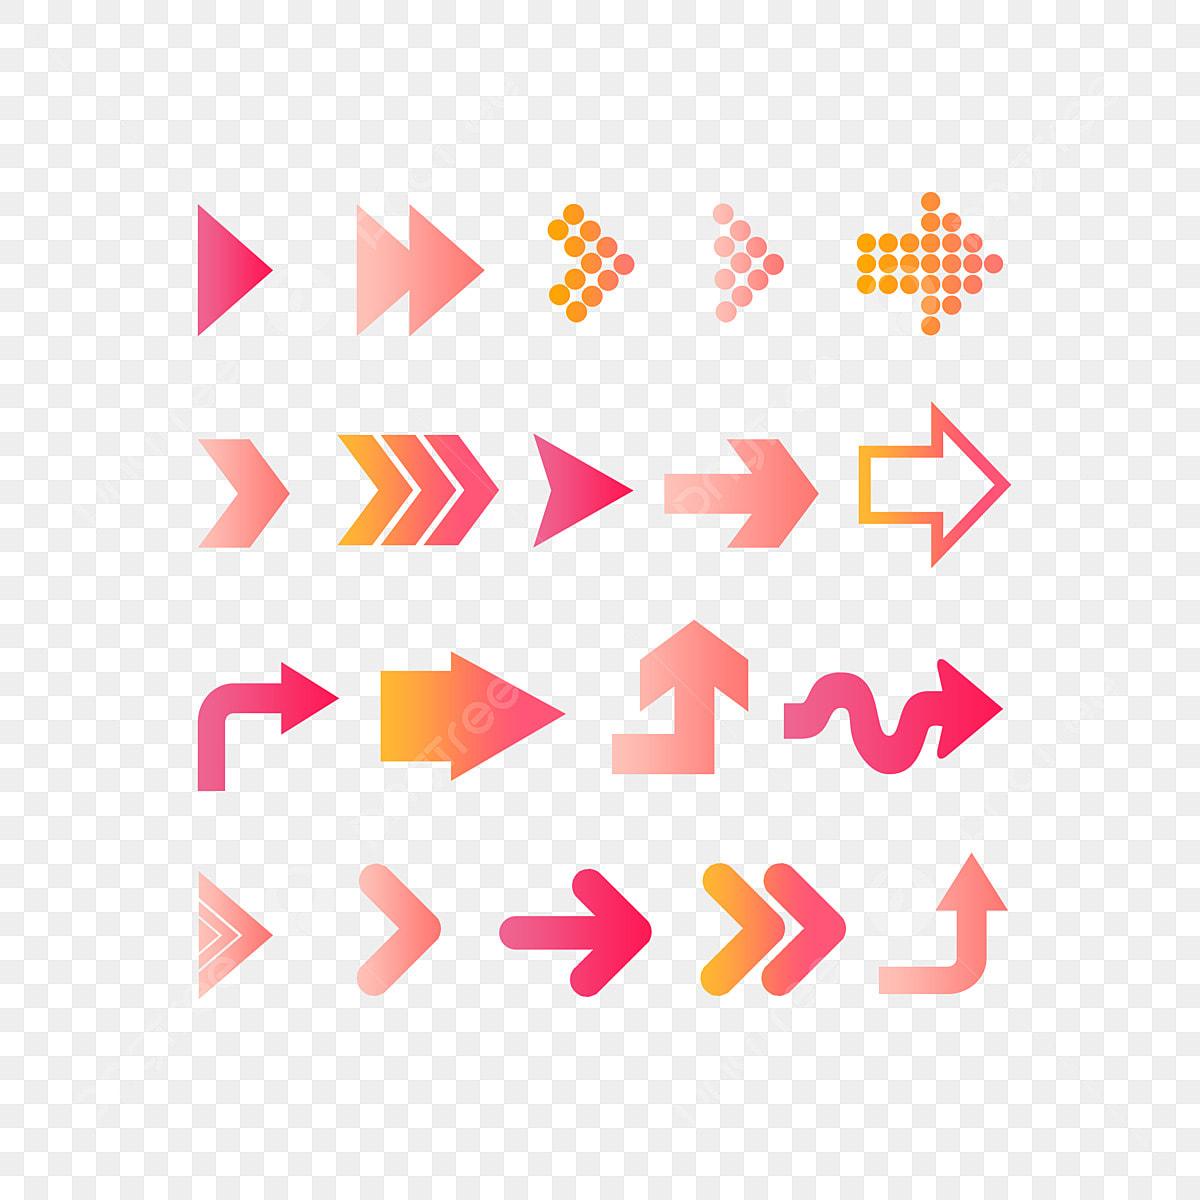 Tendencia De Moda De Color Rosa Progresivo Elemento De Negocio De La